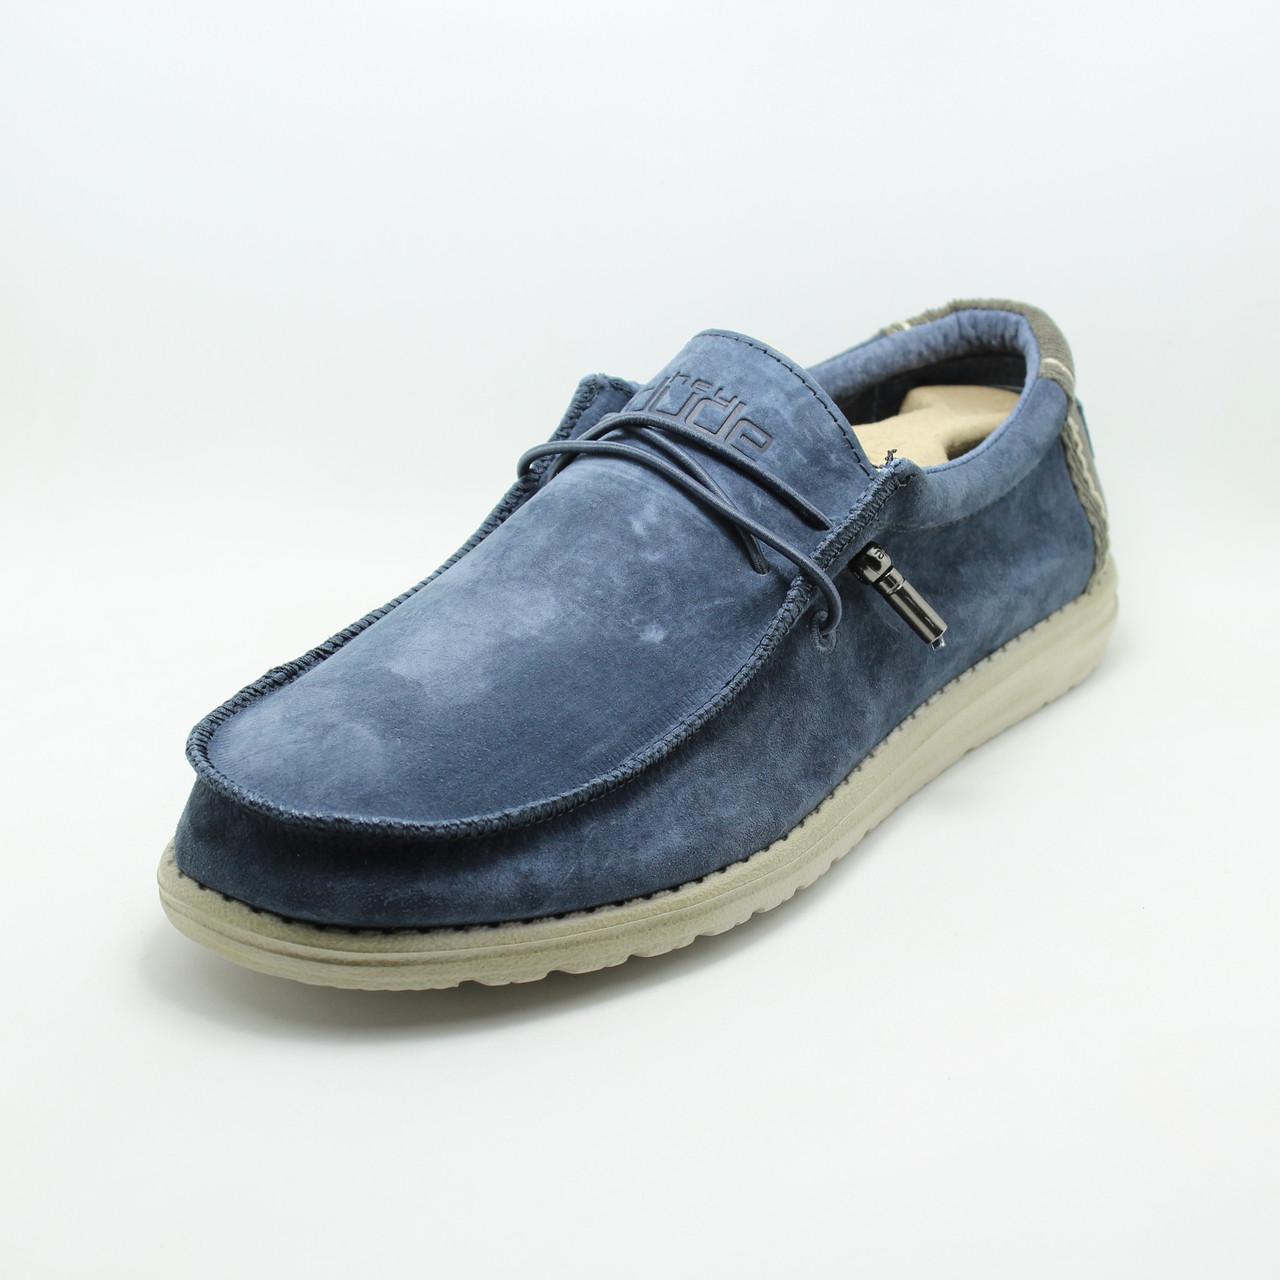 Мужские туфли топсайдеры Hey Dude 150202543 синие